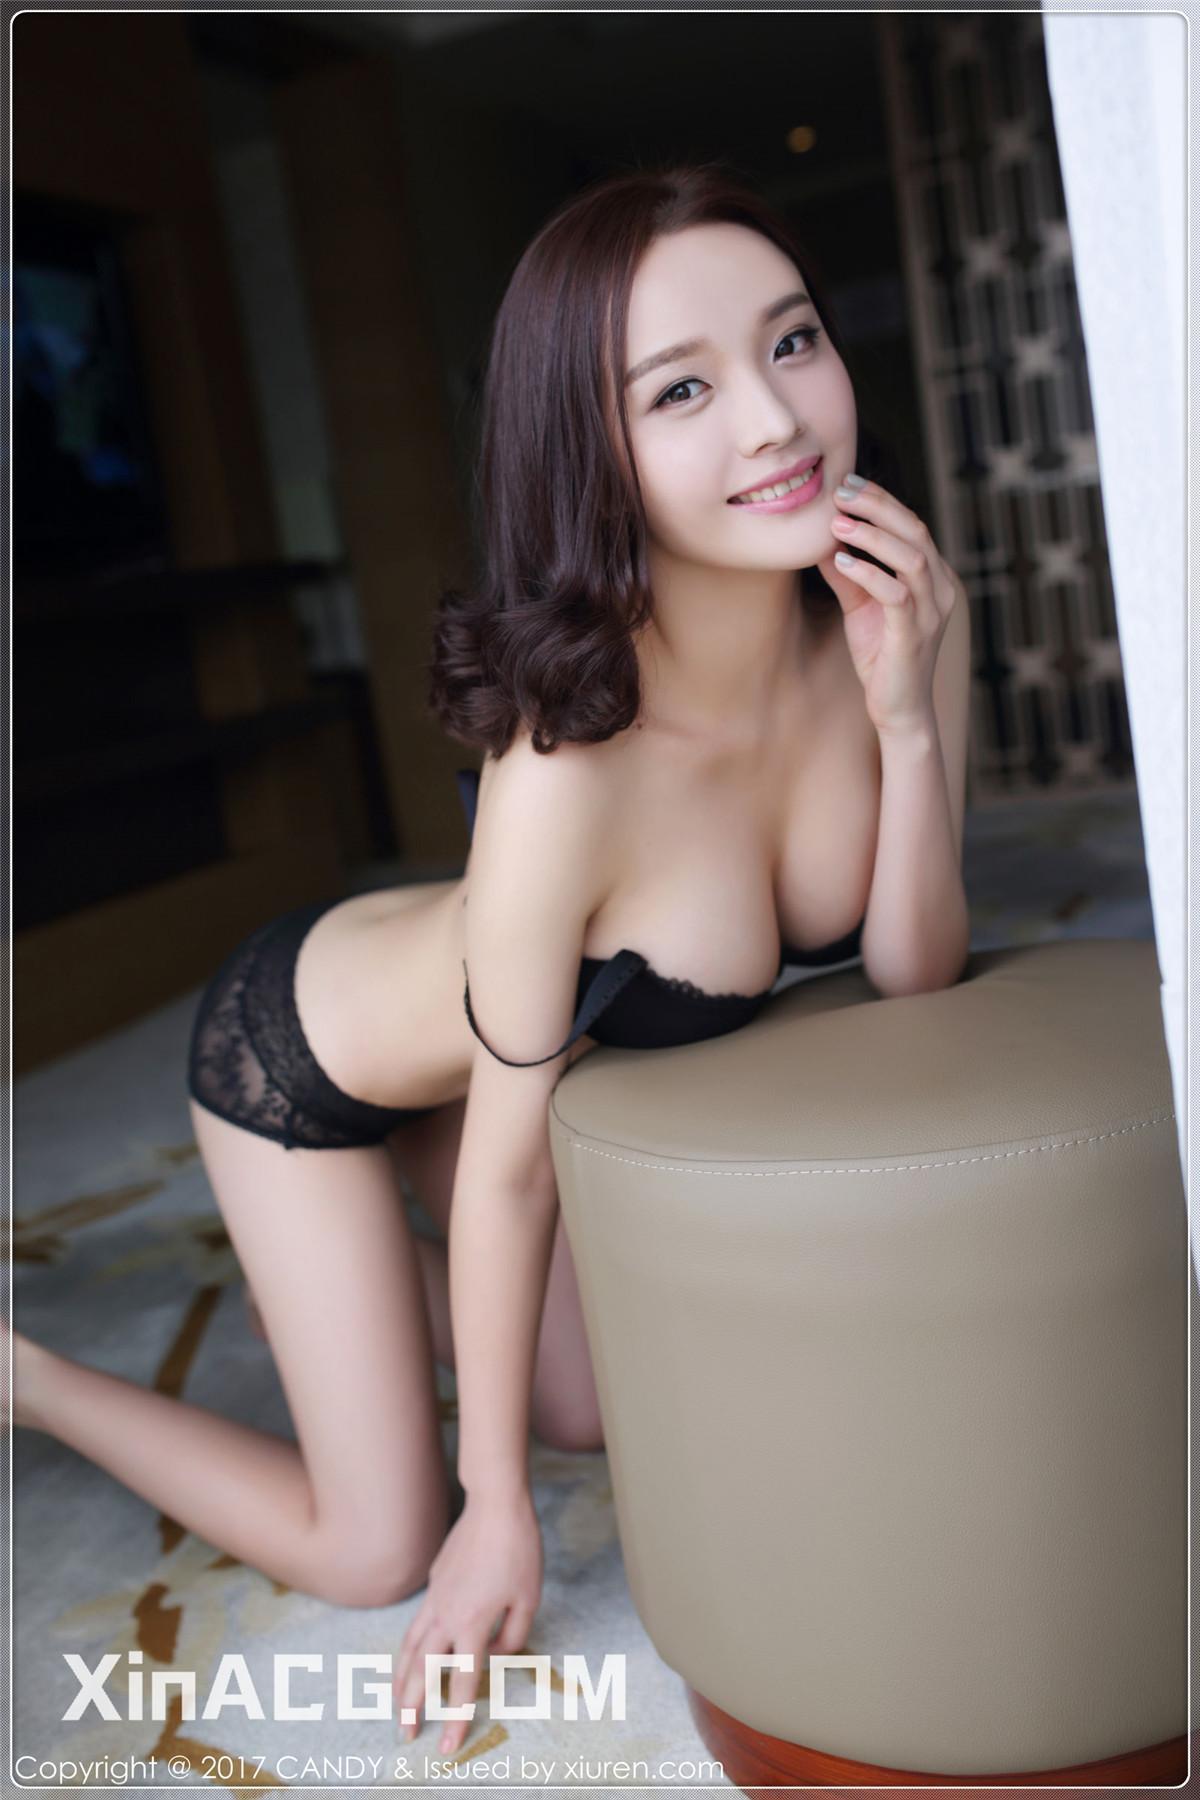 CANDY糖果画报14套写真合集[675P/241M] 新ACG网 xinacg.com